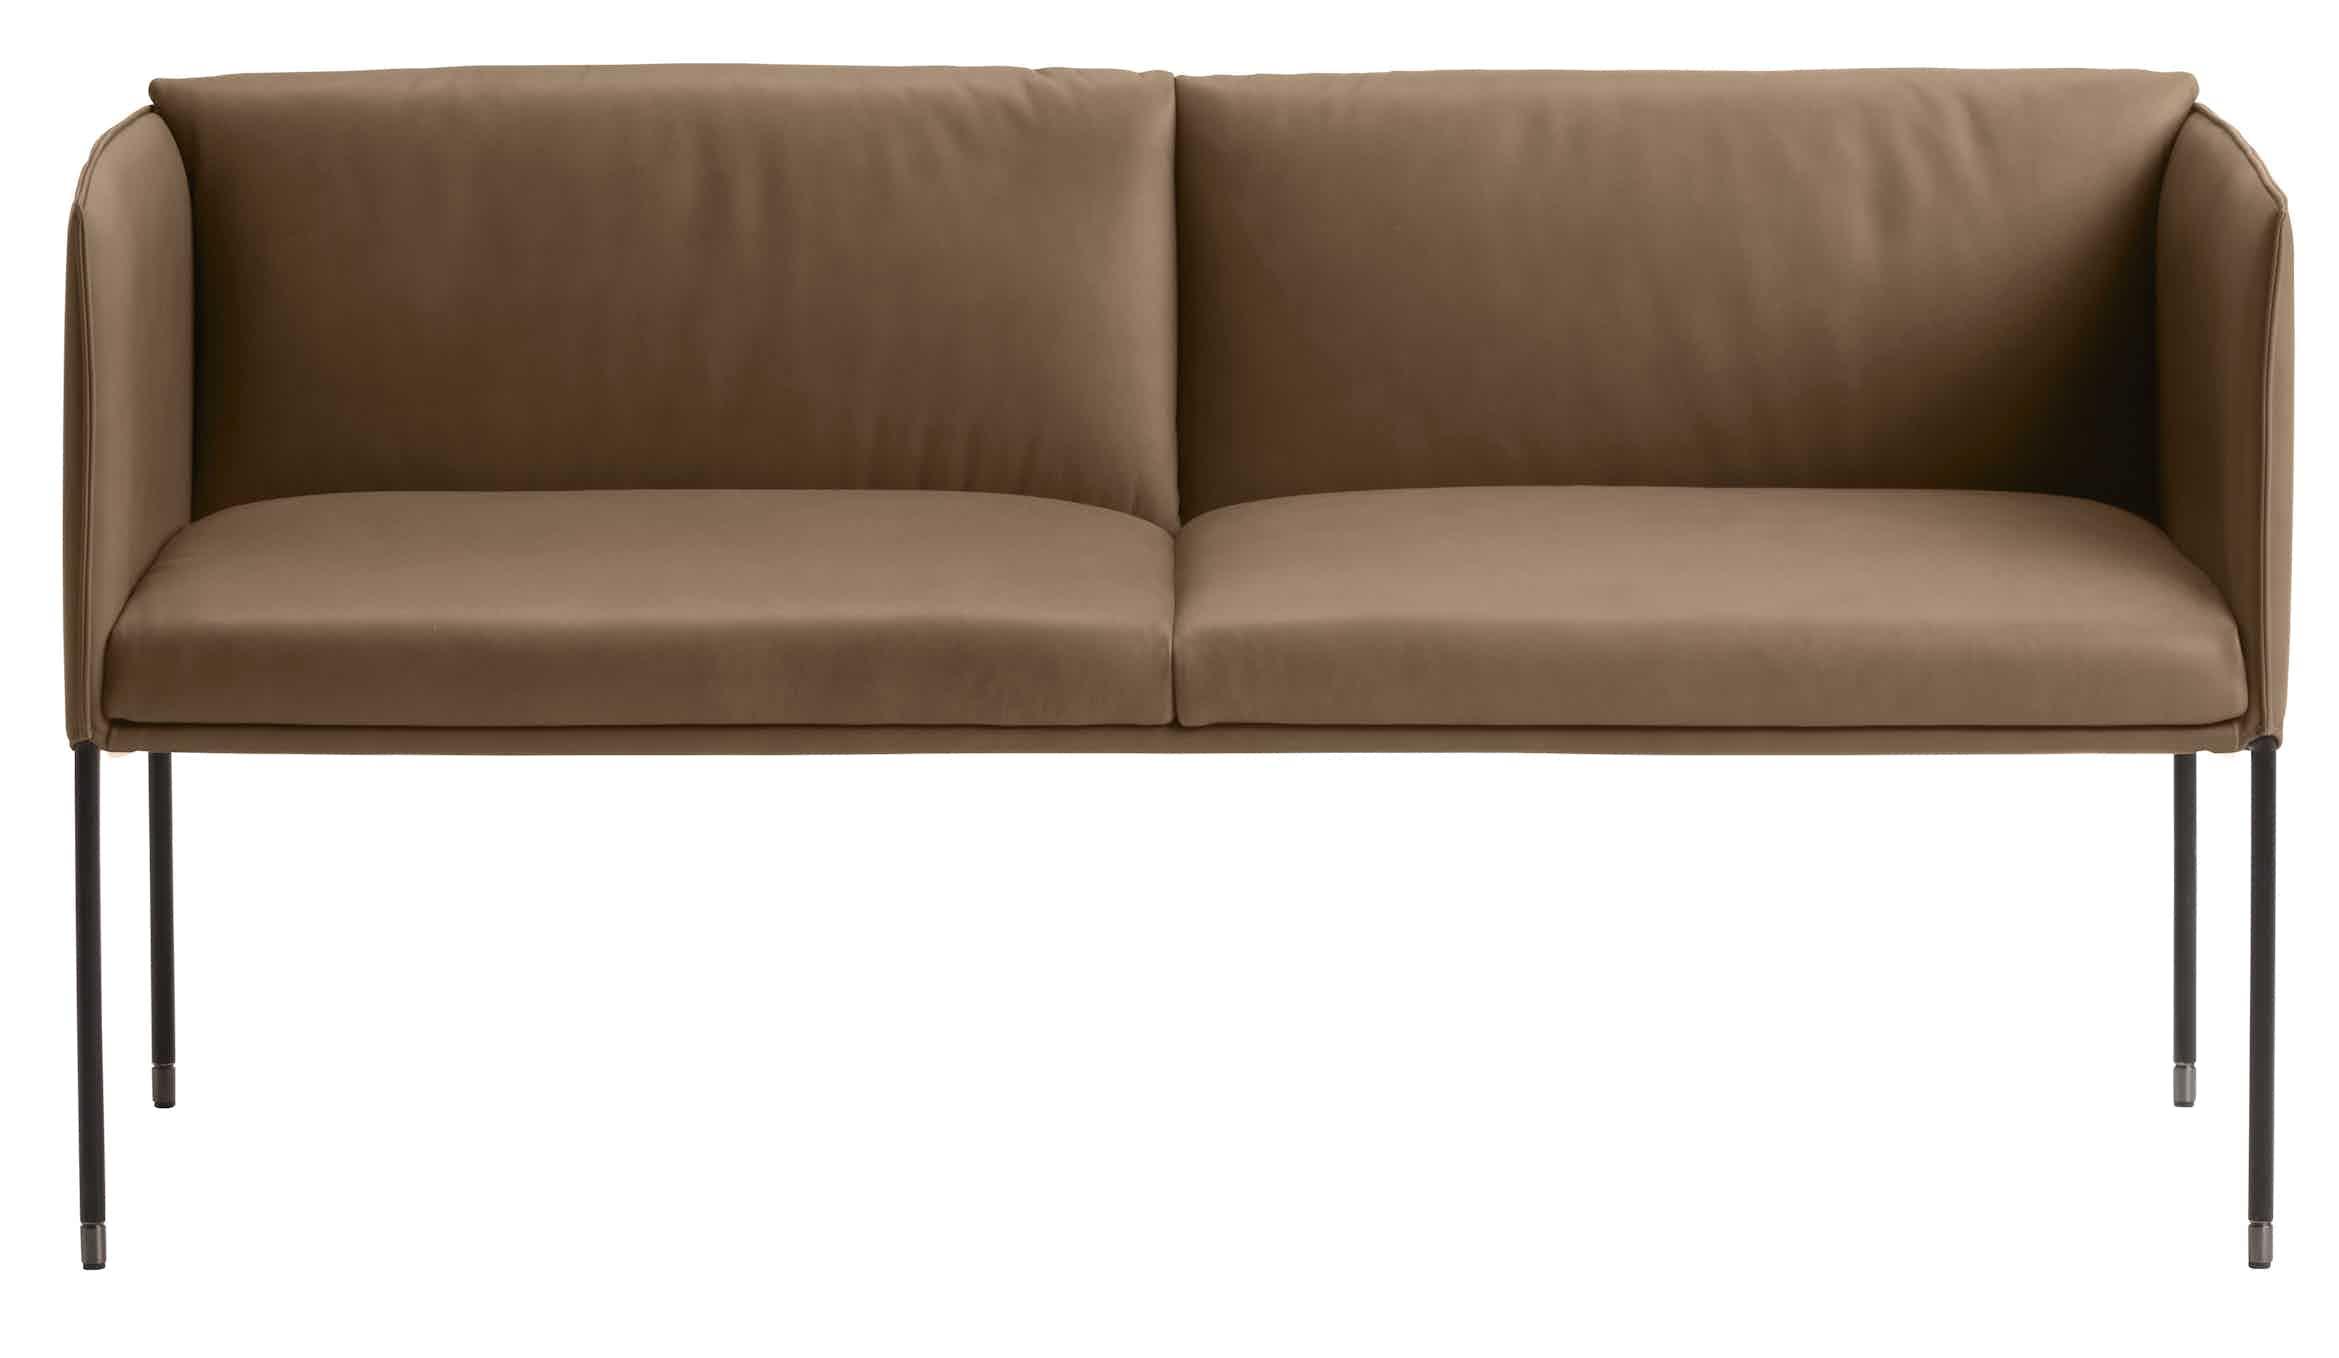 Frag-furniture-square-sofa-haute-living